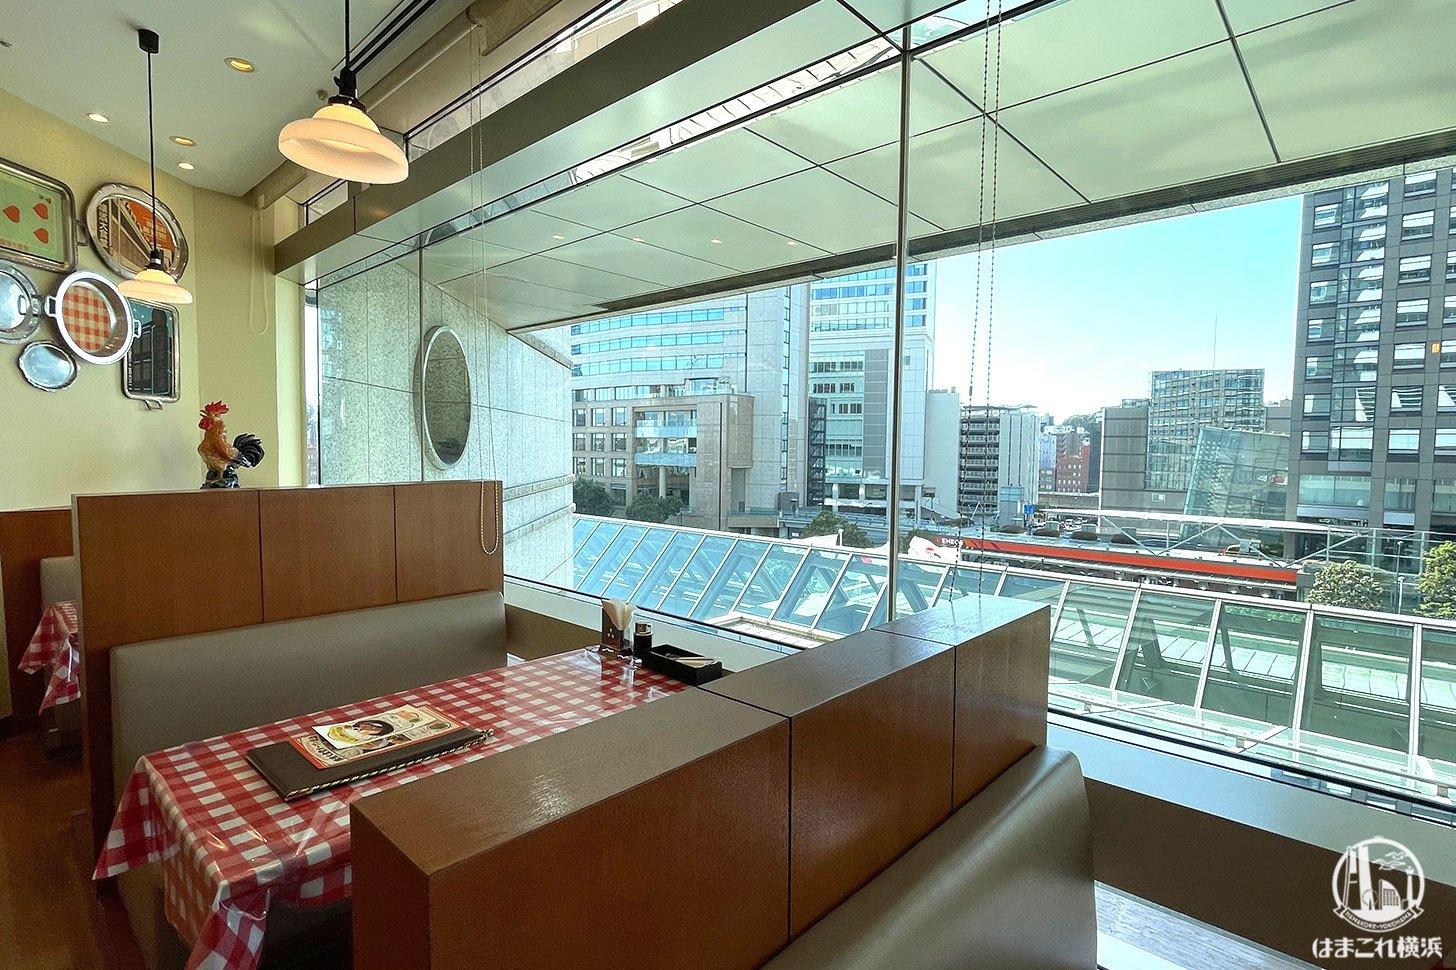 横濱大食堂 窓側のボックス席